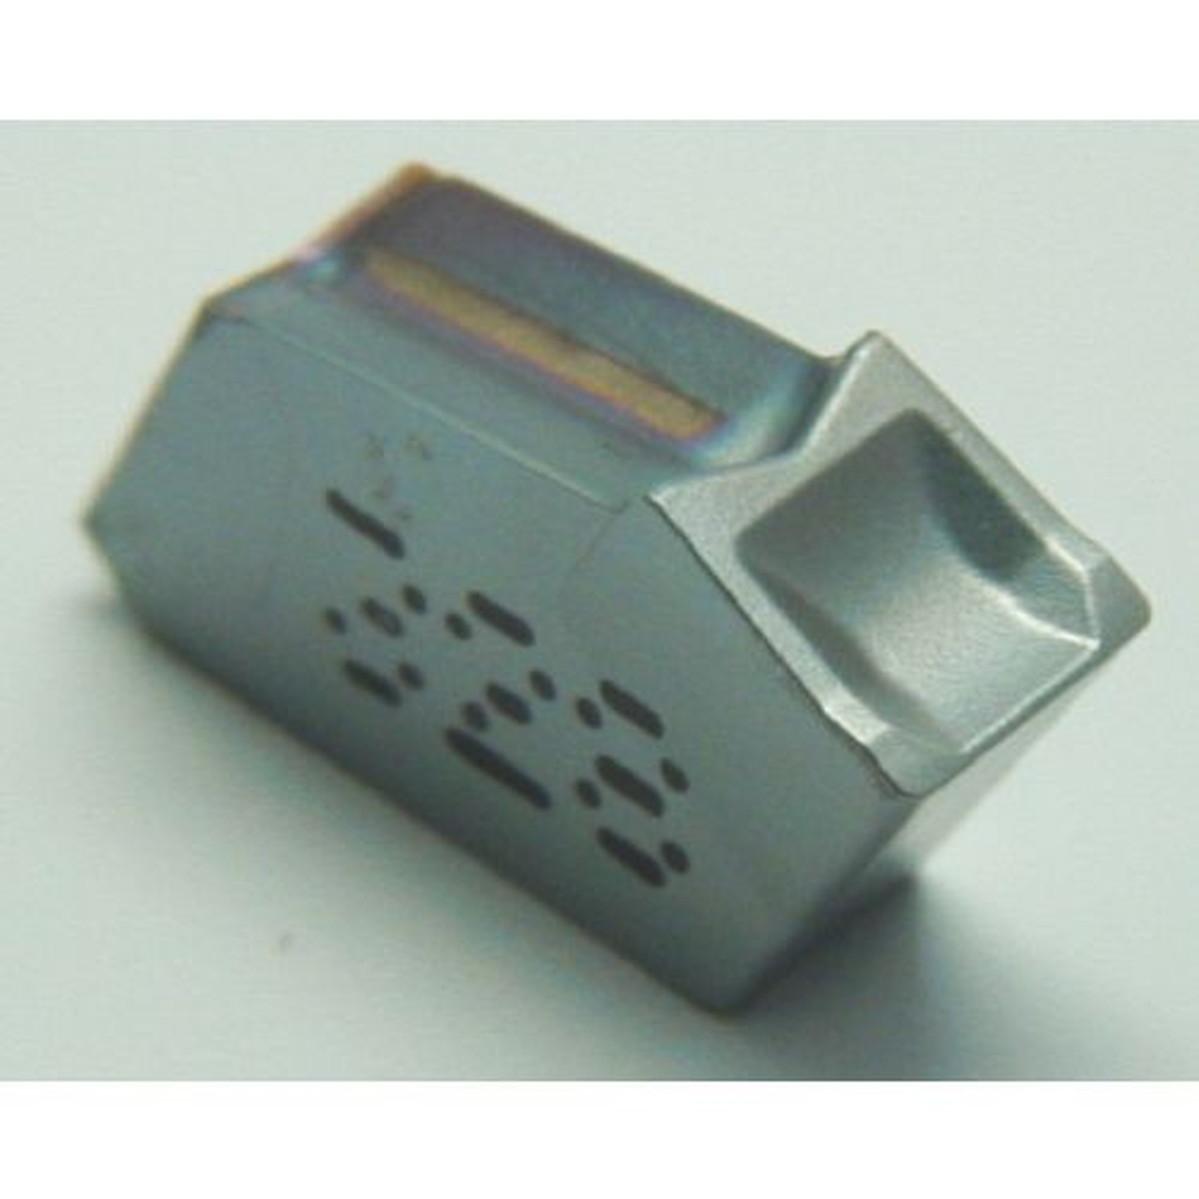 【お1人様1点限り】 イスカル セルフグリップ 10個 セルフグリップ IC328 スリッター IC328 10個, STEEZ SHOP:9b3ae4eb --- independentescortsdelhi.in